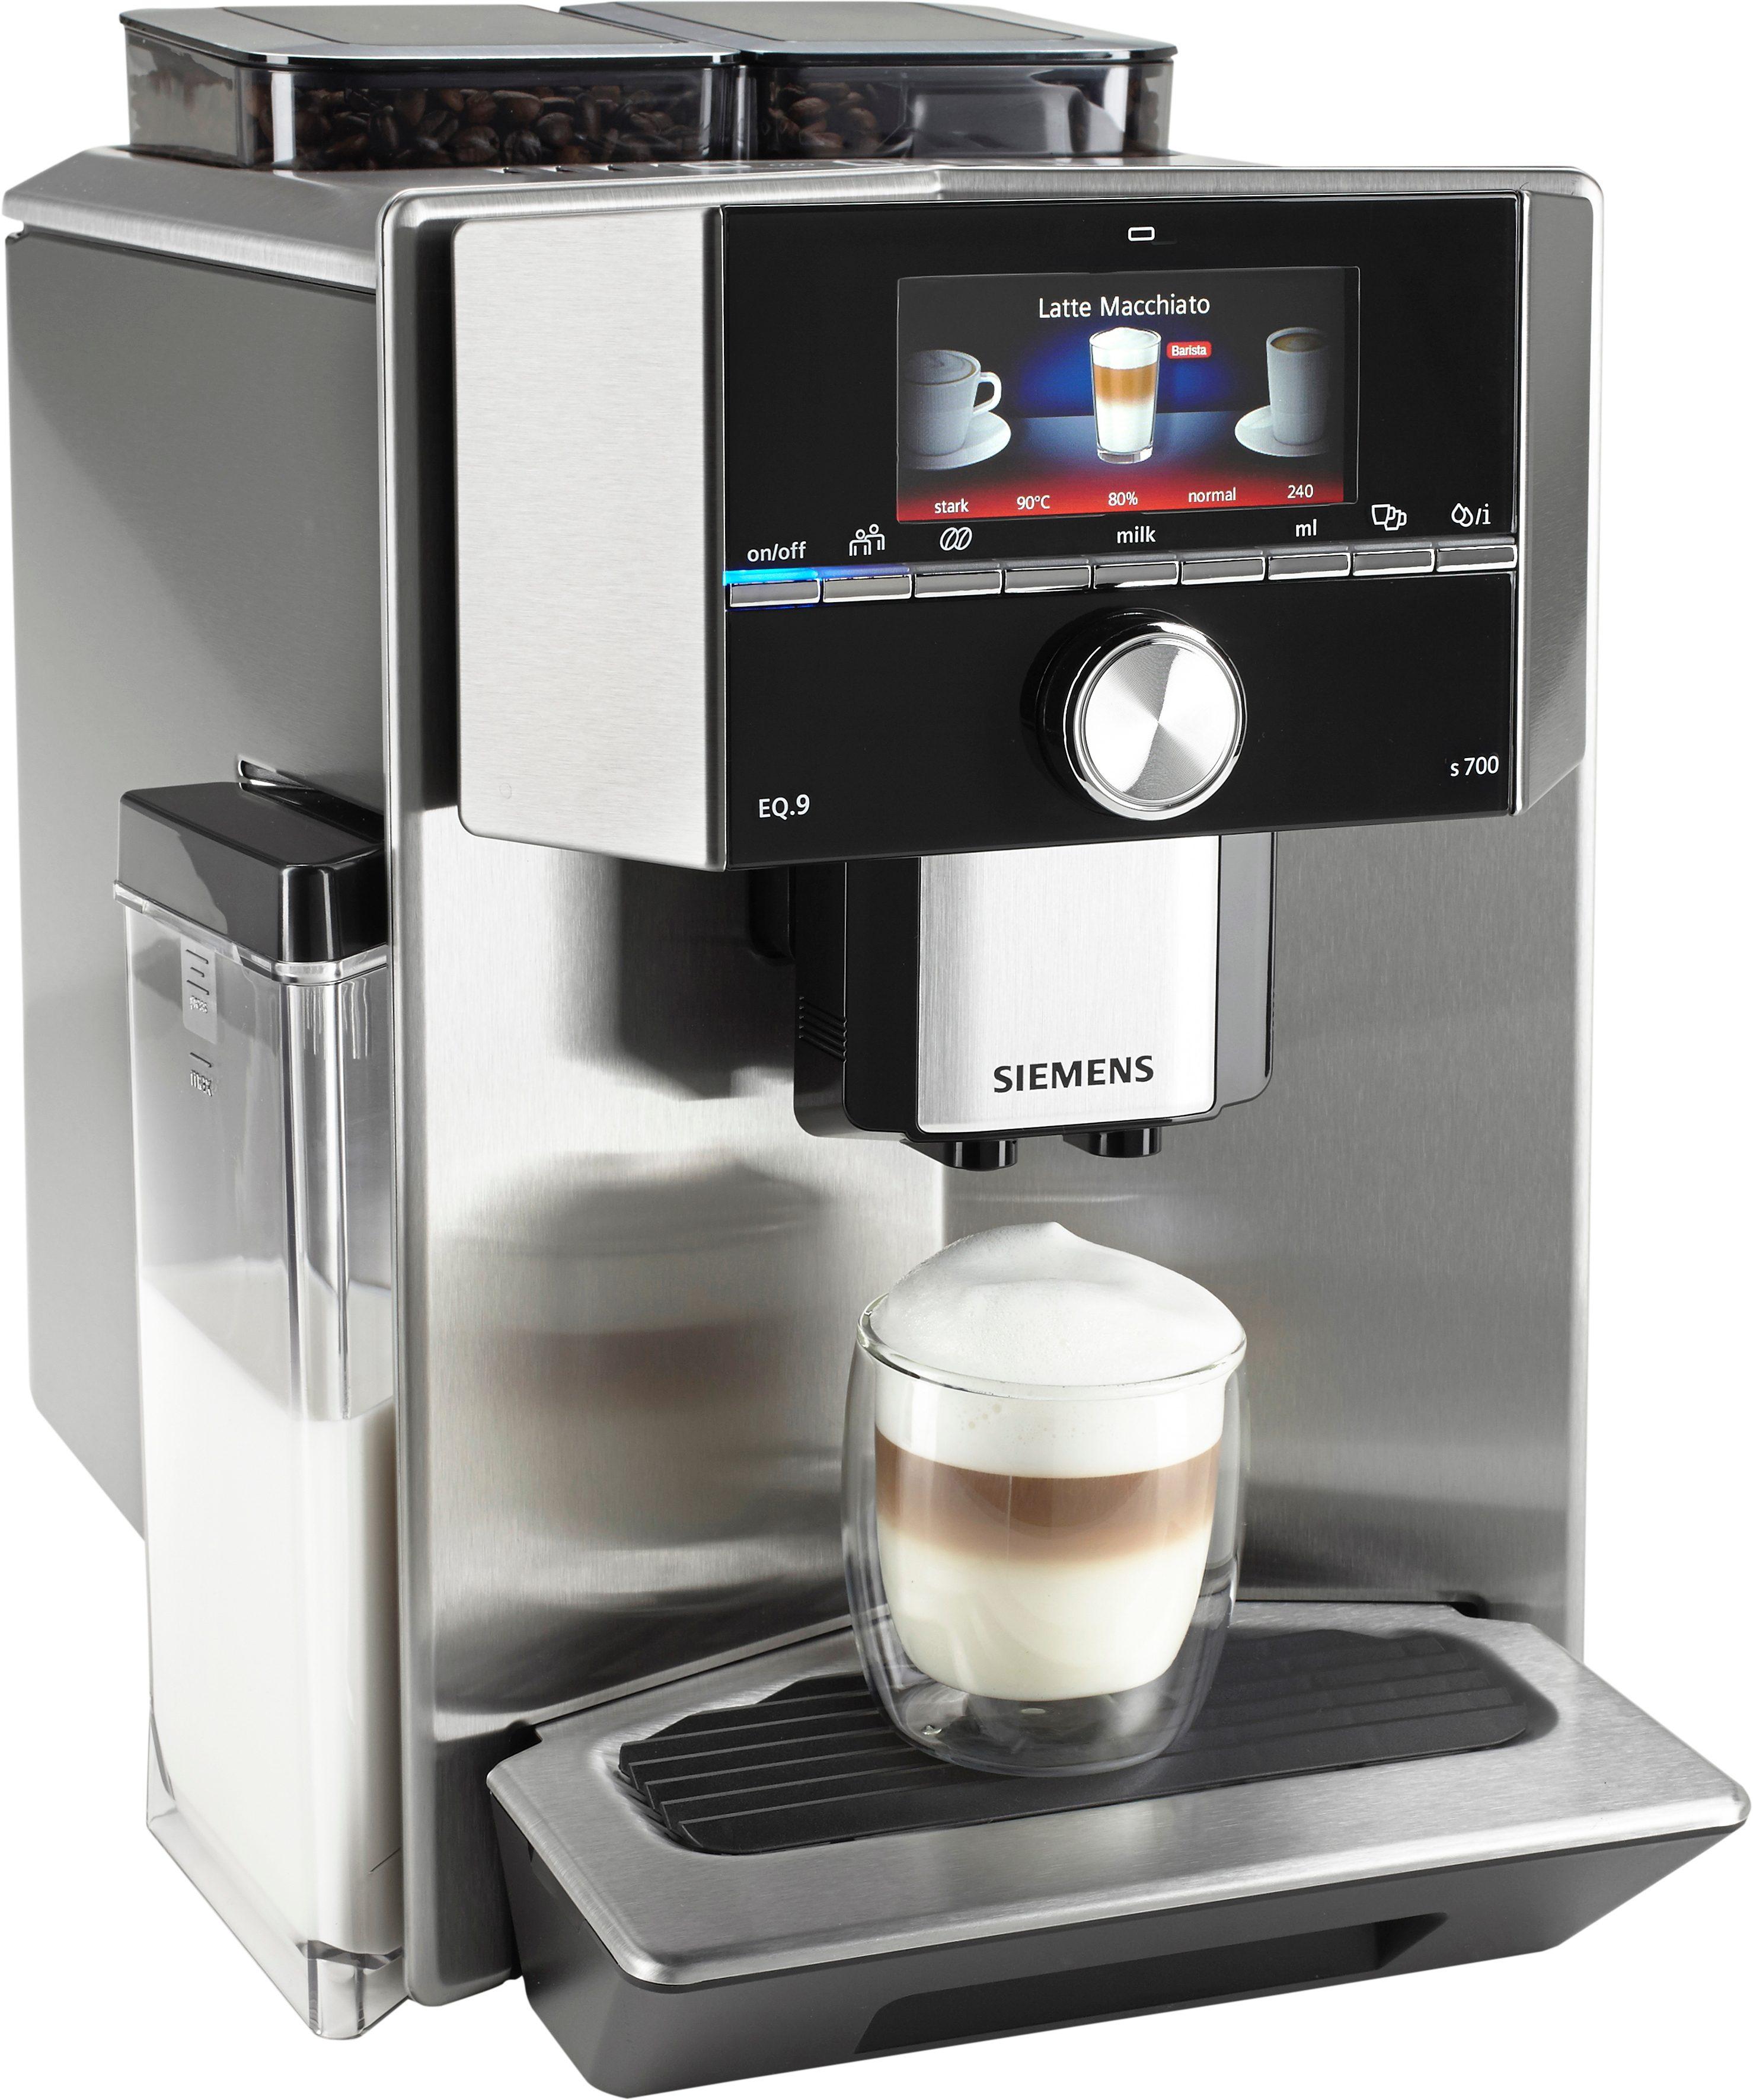 Siemens Kaffeevollautomat EQ.9 s700 TI907501DE, Integrierter Milchtank, 19 bar